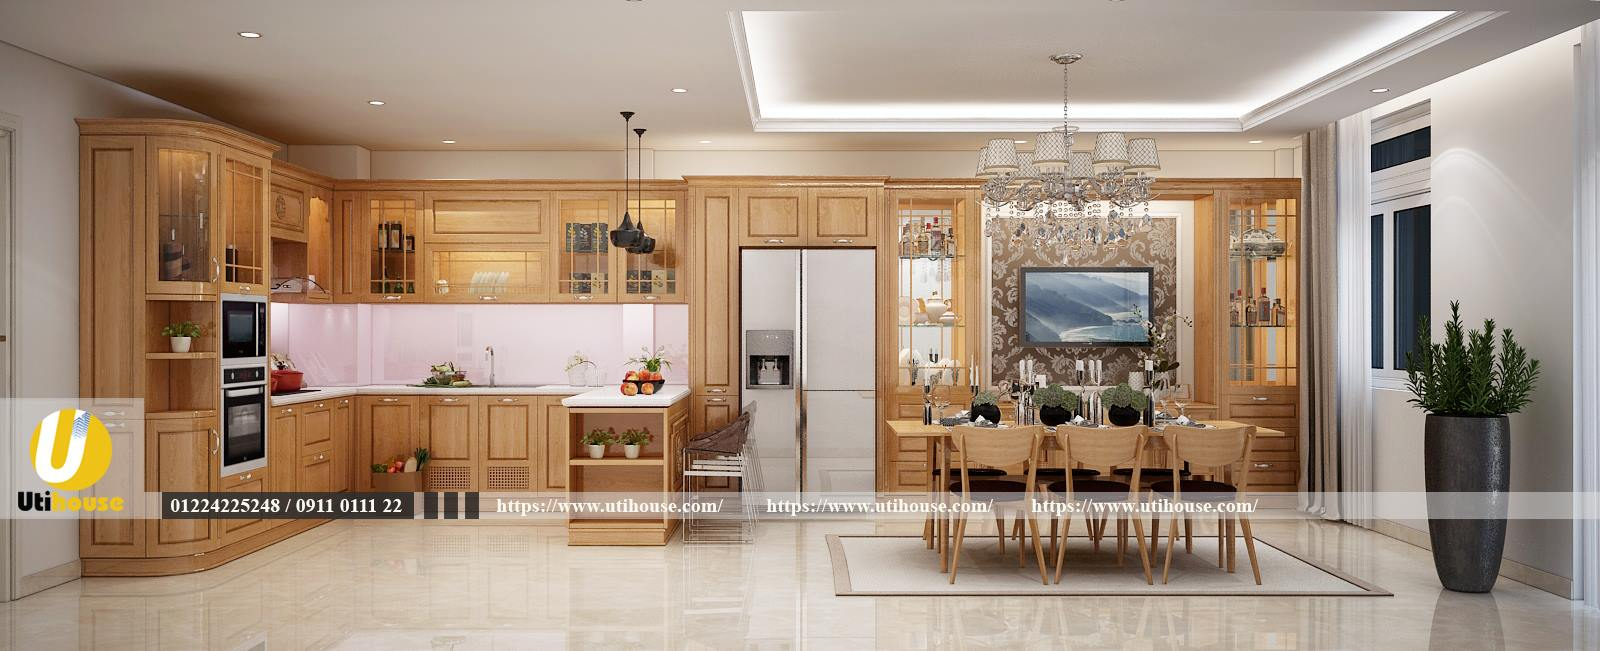 Thiết kế nội thất nhà phố tối giản đường nét, nội thất